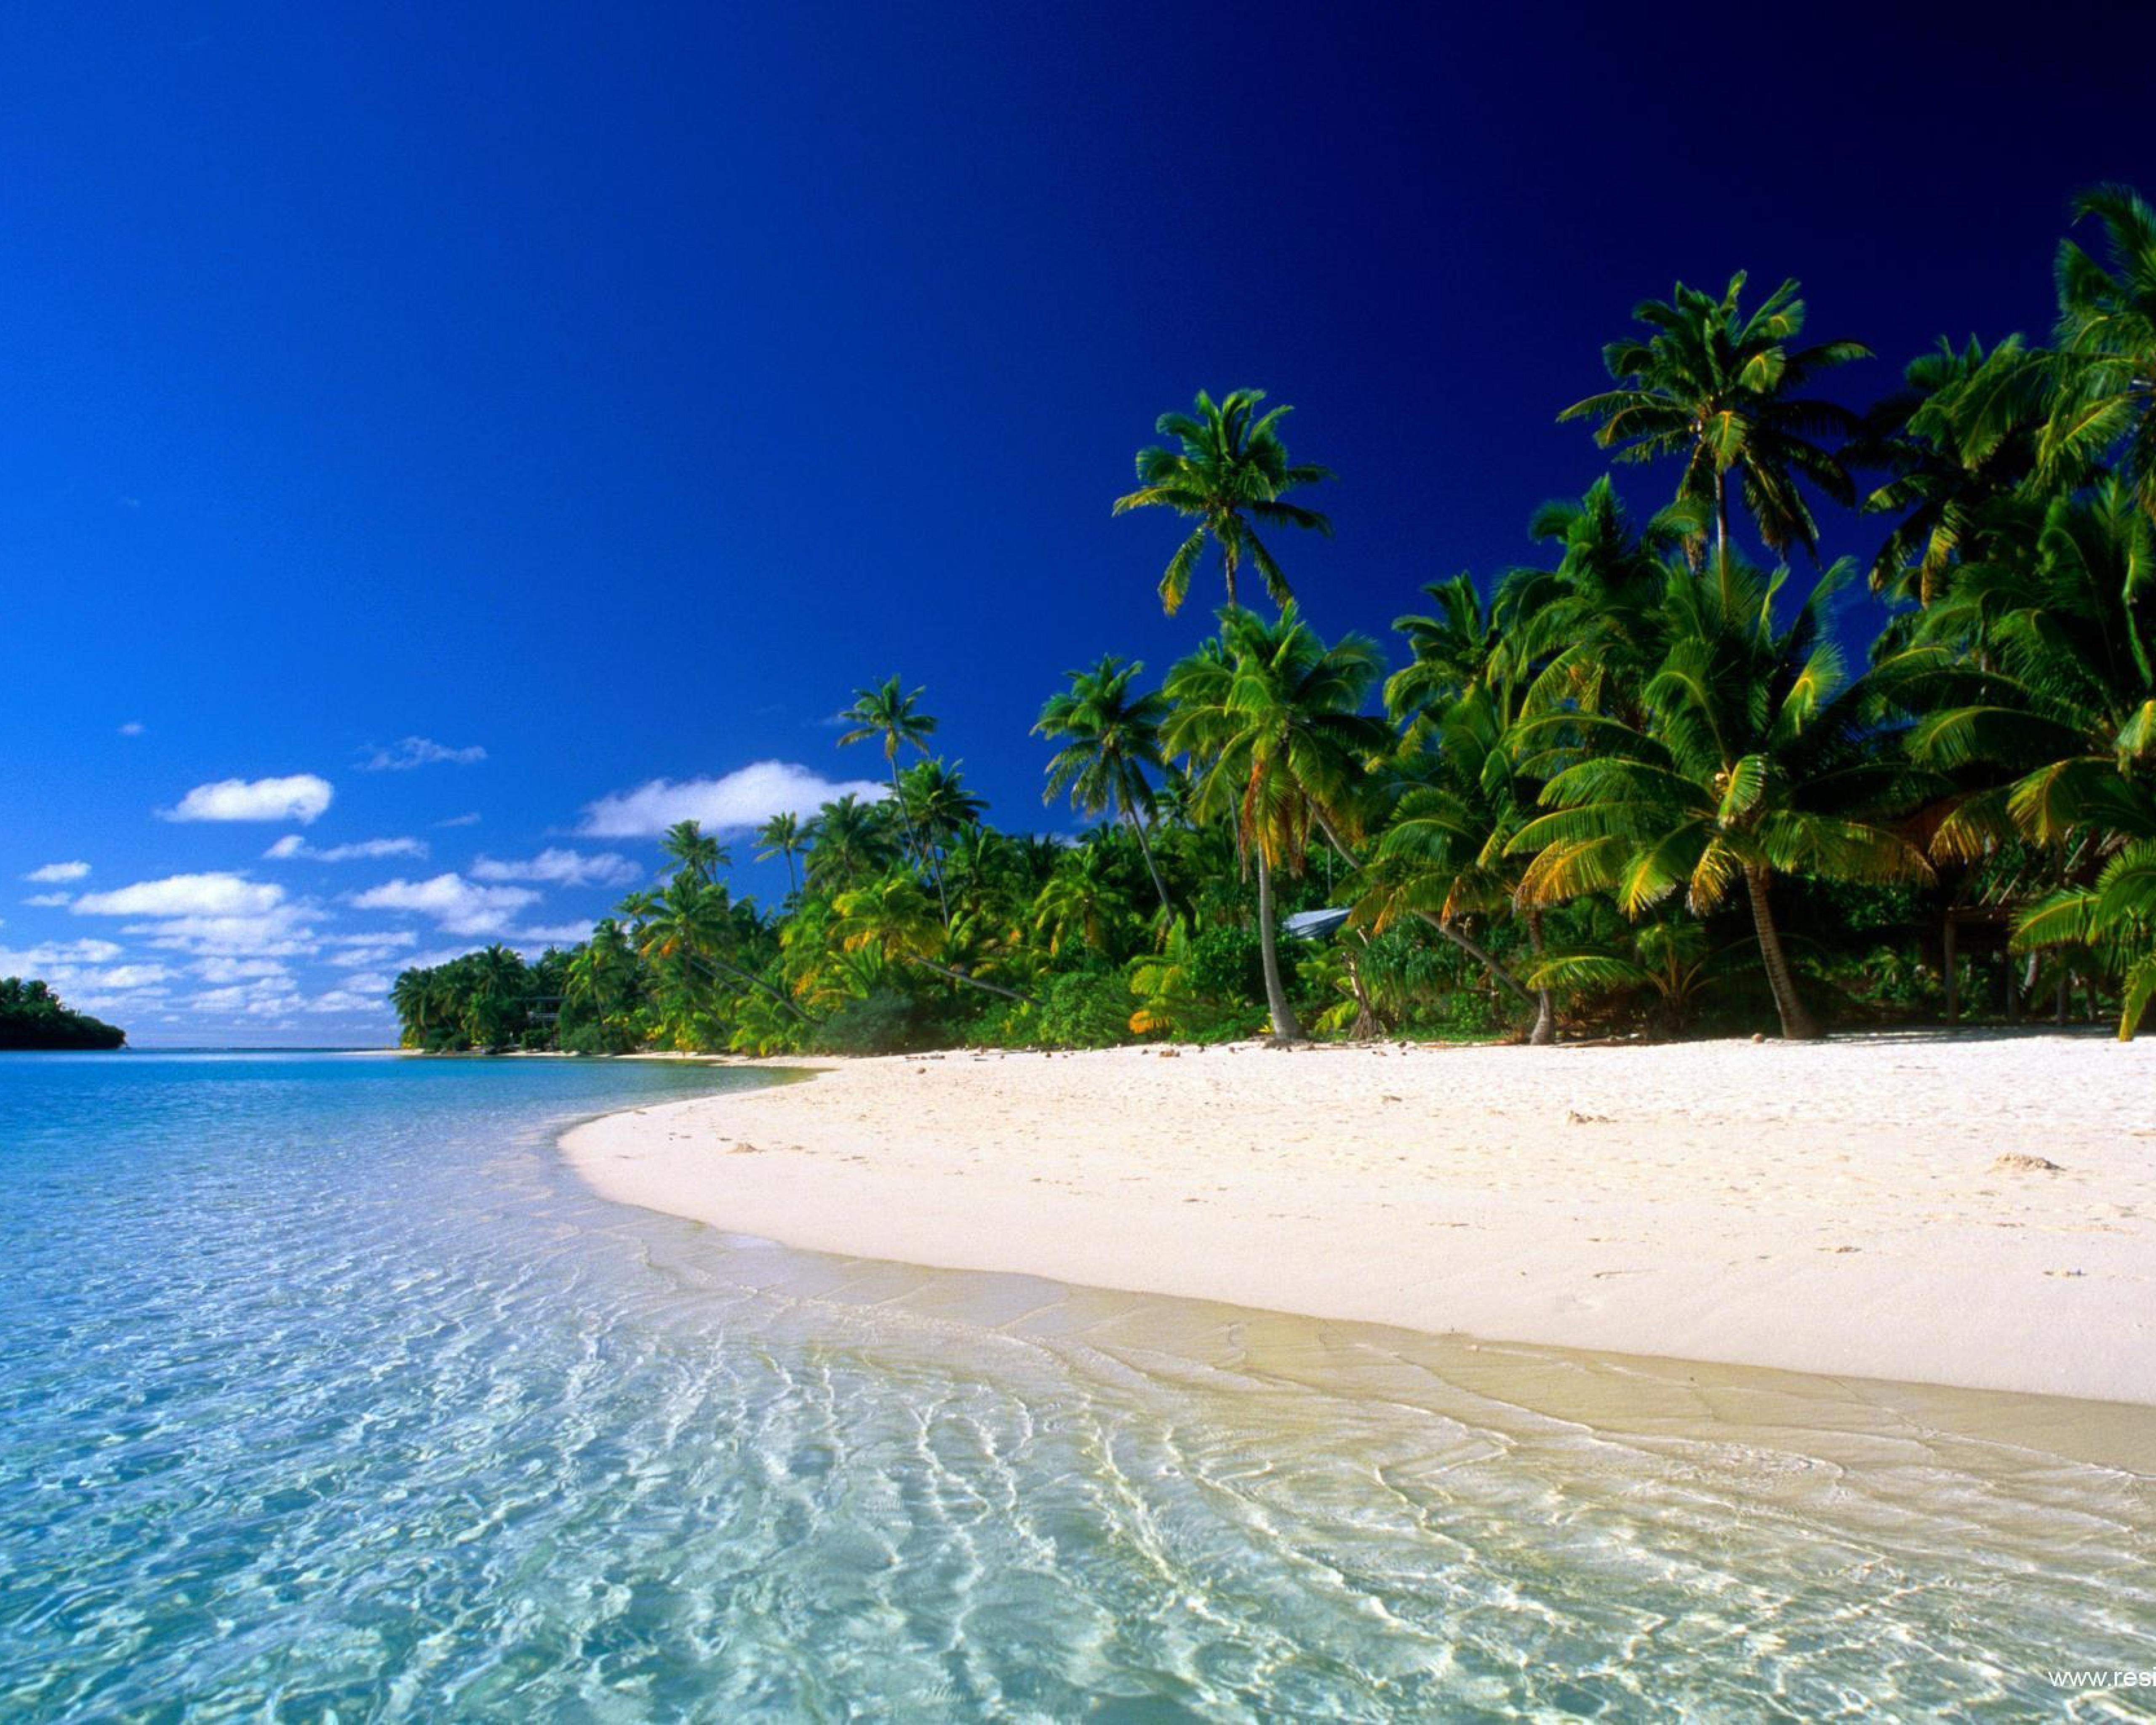 5120x4096 5120x4096 Sand_tropics_beach_earth (5120 × 4096).  شاطئ بحر